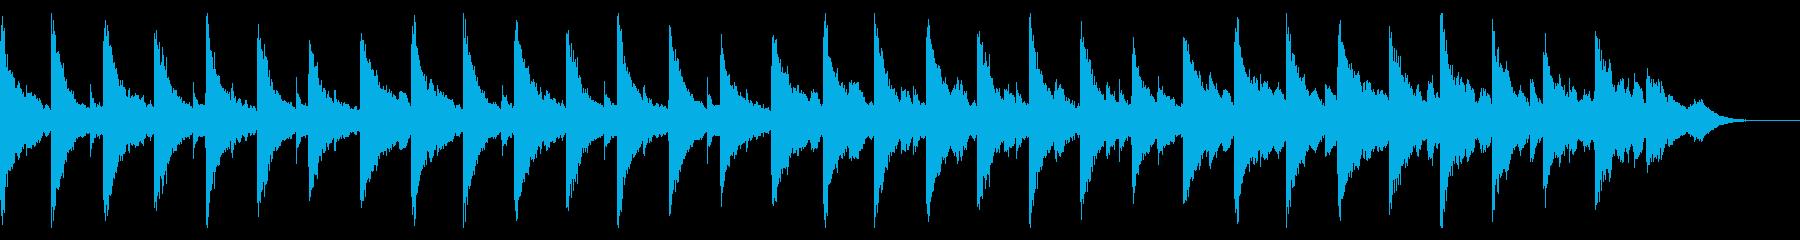 生音・不穏・不安なピアノとオーケストラの再生済みの波形